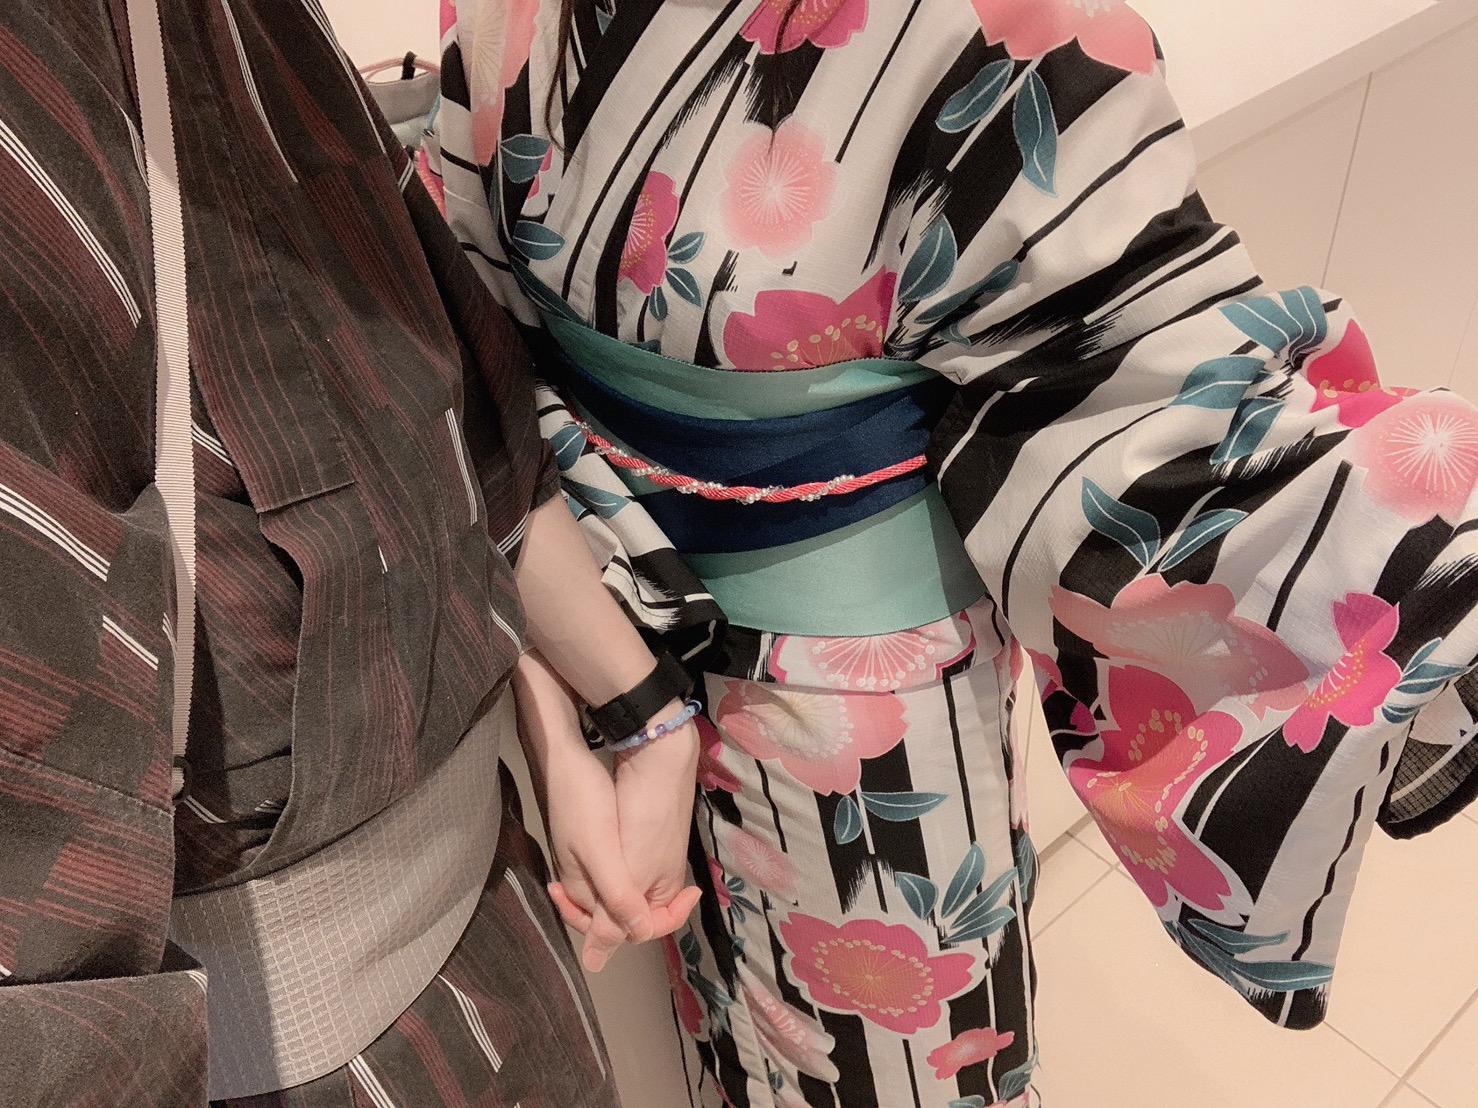 修学旅行以来の京都へ♪2019年8月22日3